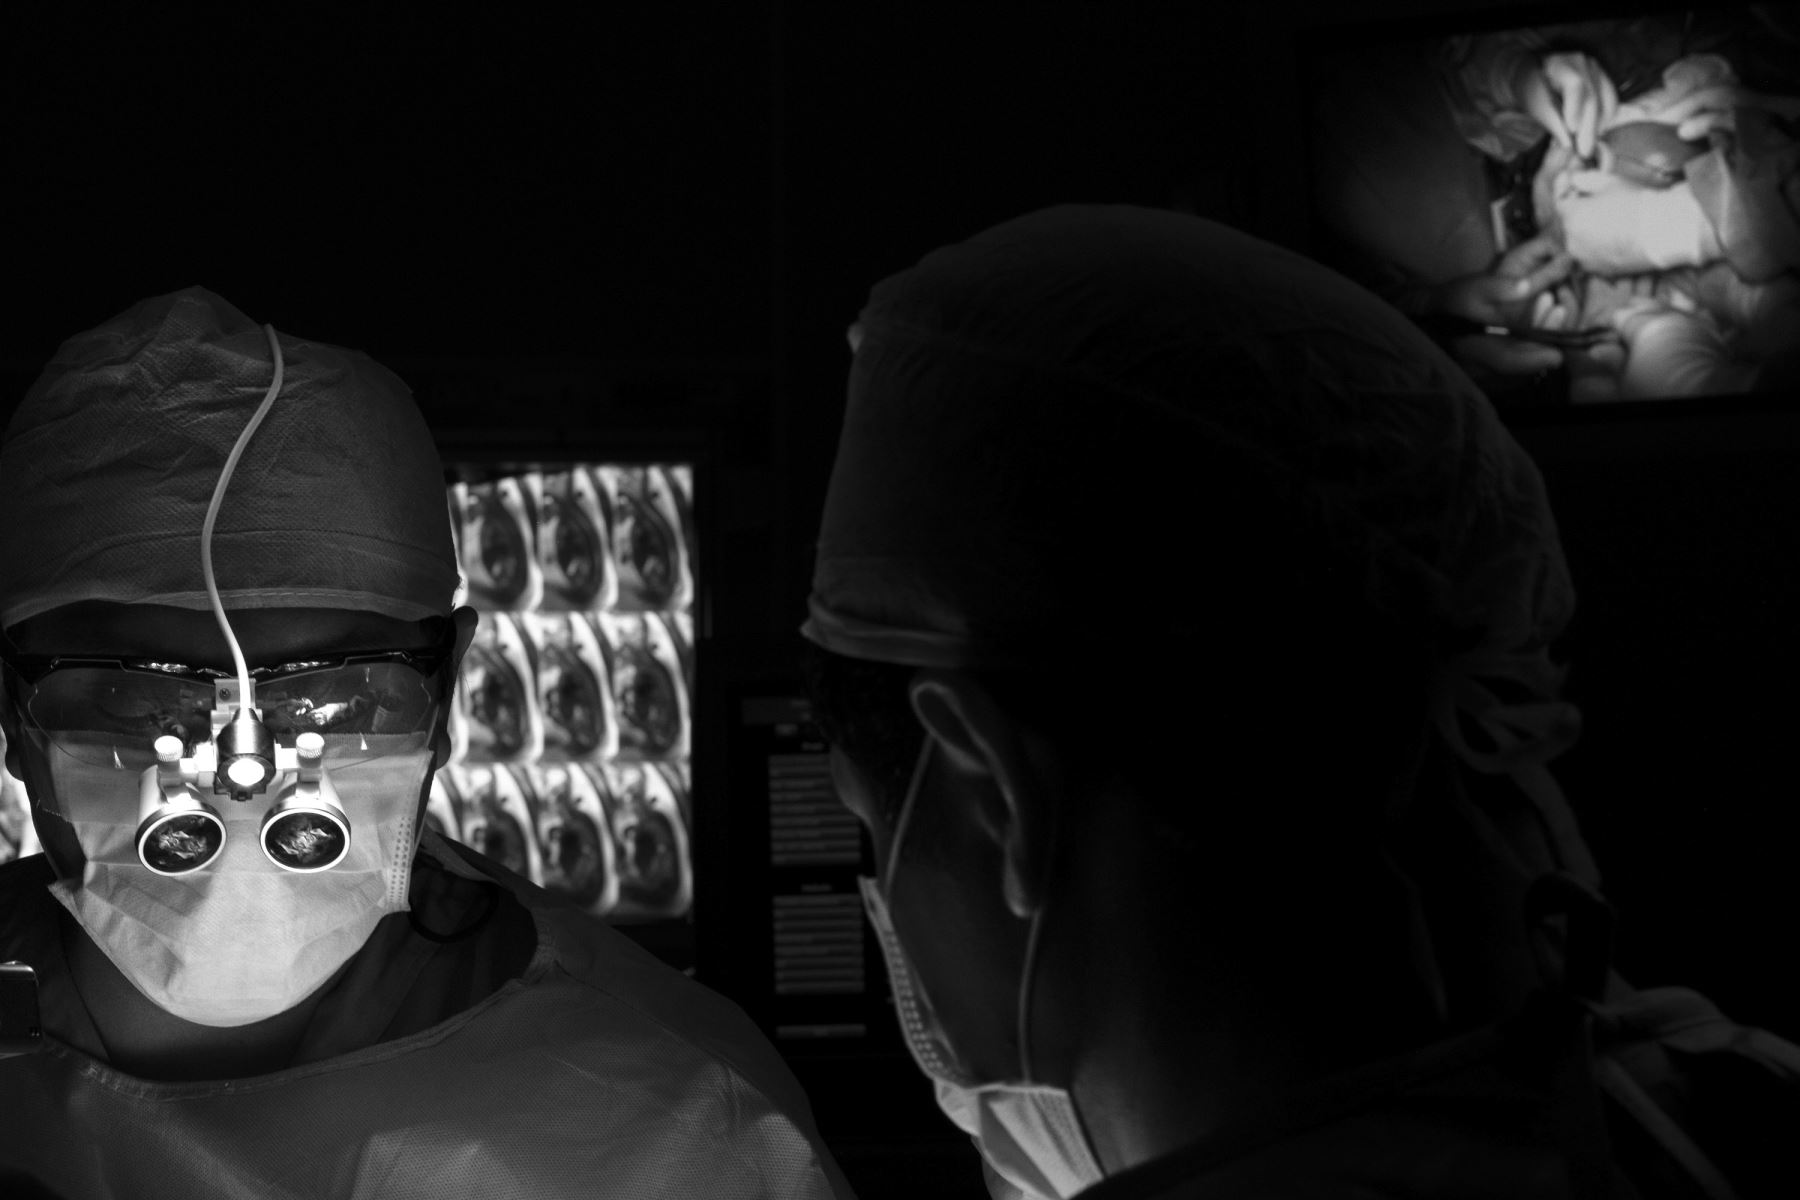 Momento crucial. Toman la posta de la operación el neurocirujano Marco Mejía y su asistente. Ellos inician la microcirugía apoyados por lupas que amplifican visualmente los tejidos que intervienen. Entre 30 y 40 minutos tardarán en corregir el defecto congénito situado en la médula espinal del feto. Foto: Ministerio de Salud/ Miguel Mejía